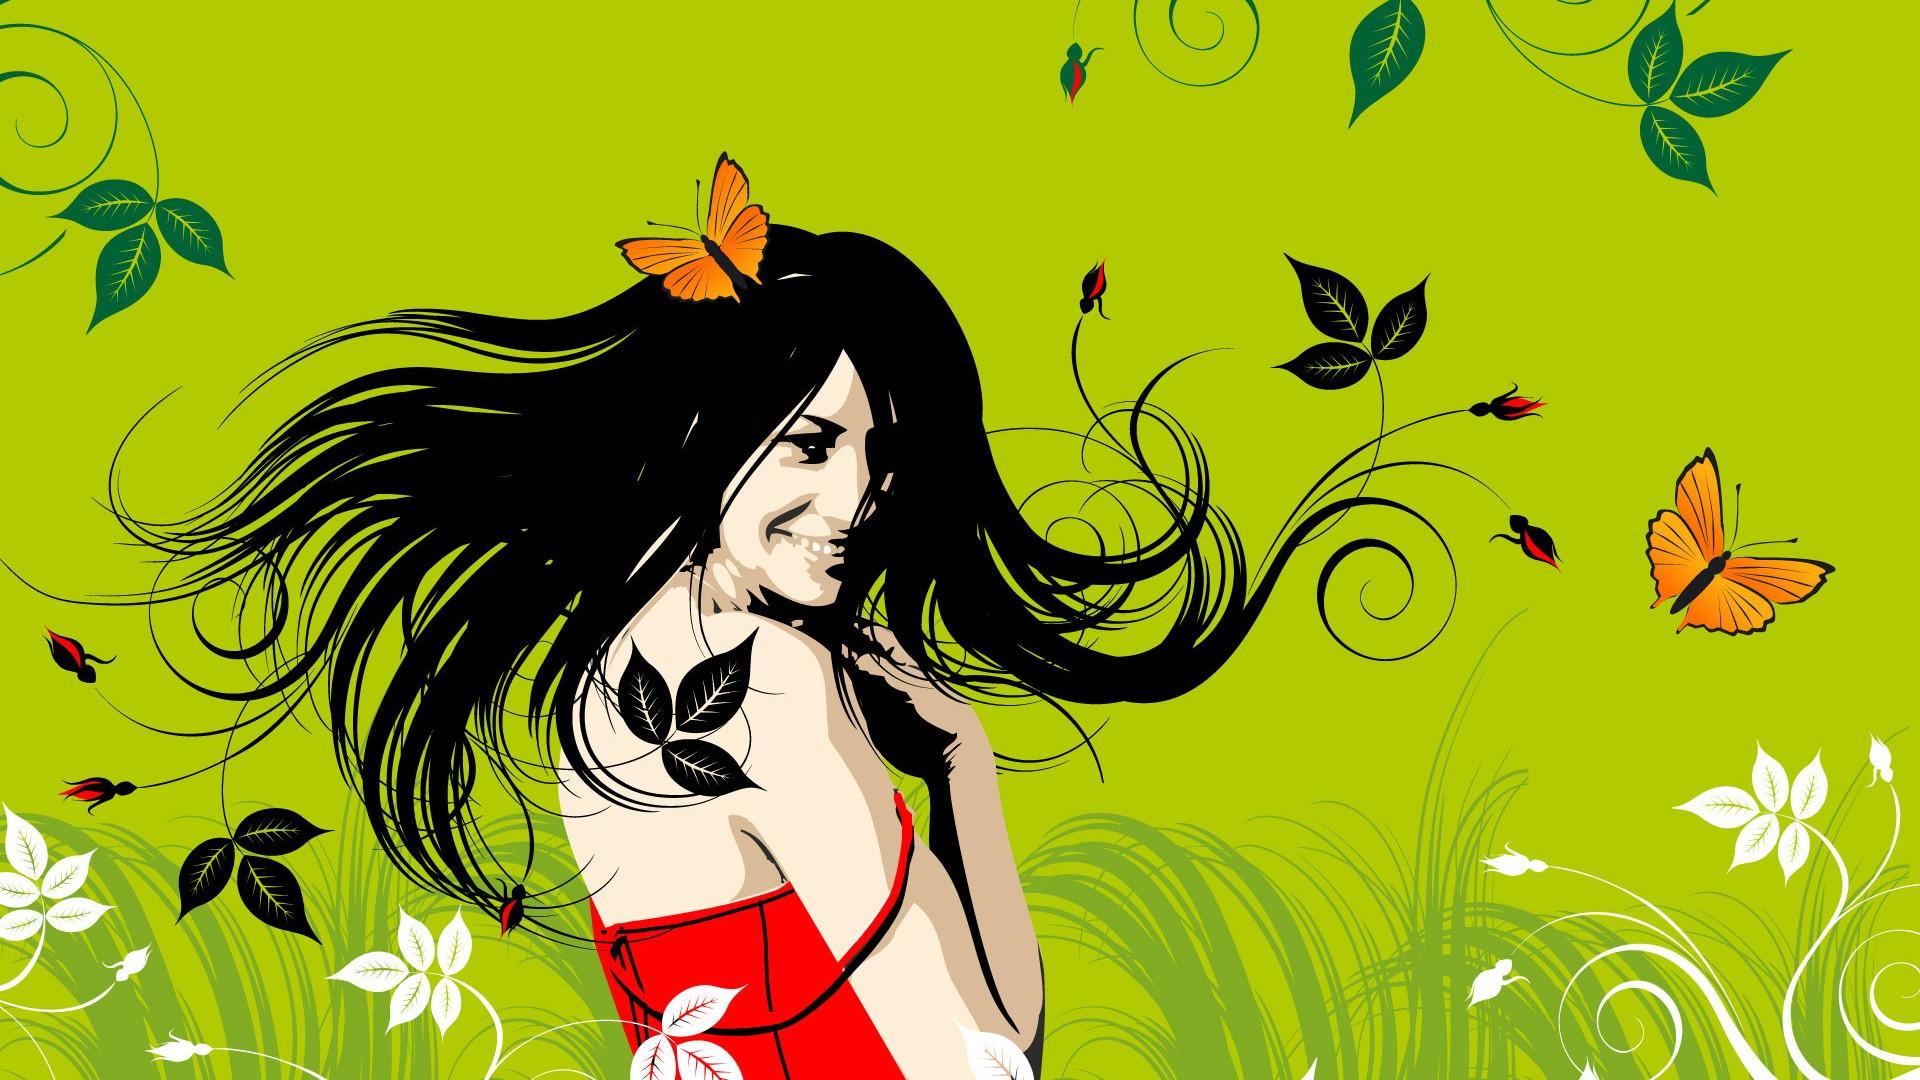 International Women's Day free hd wallpaper